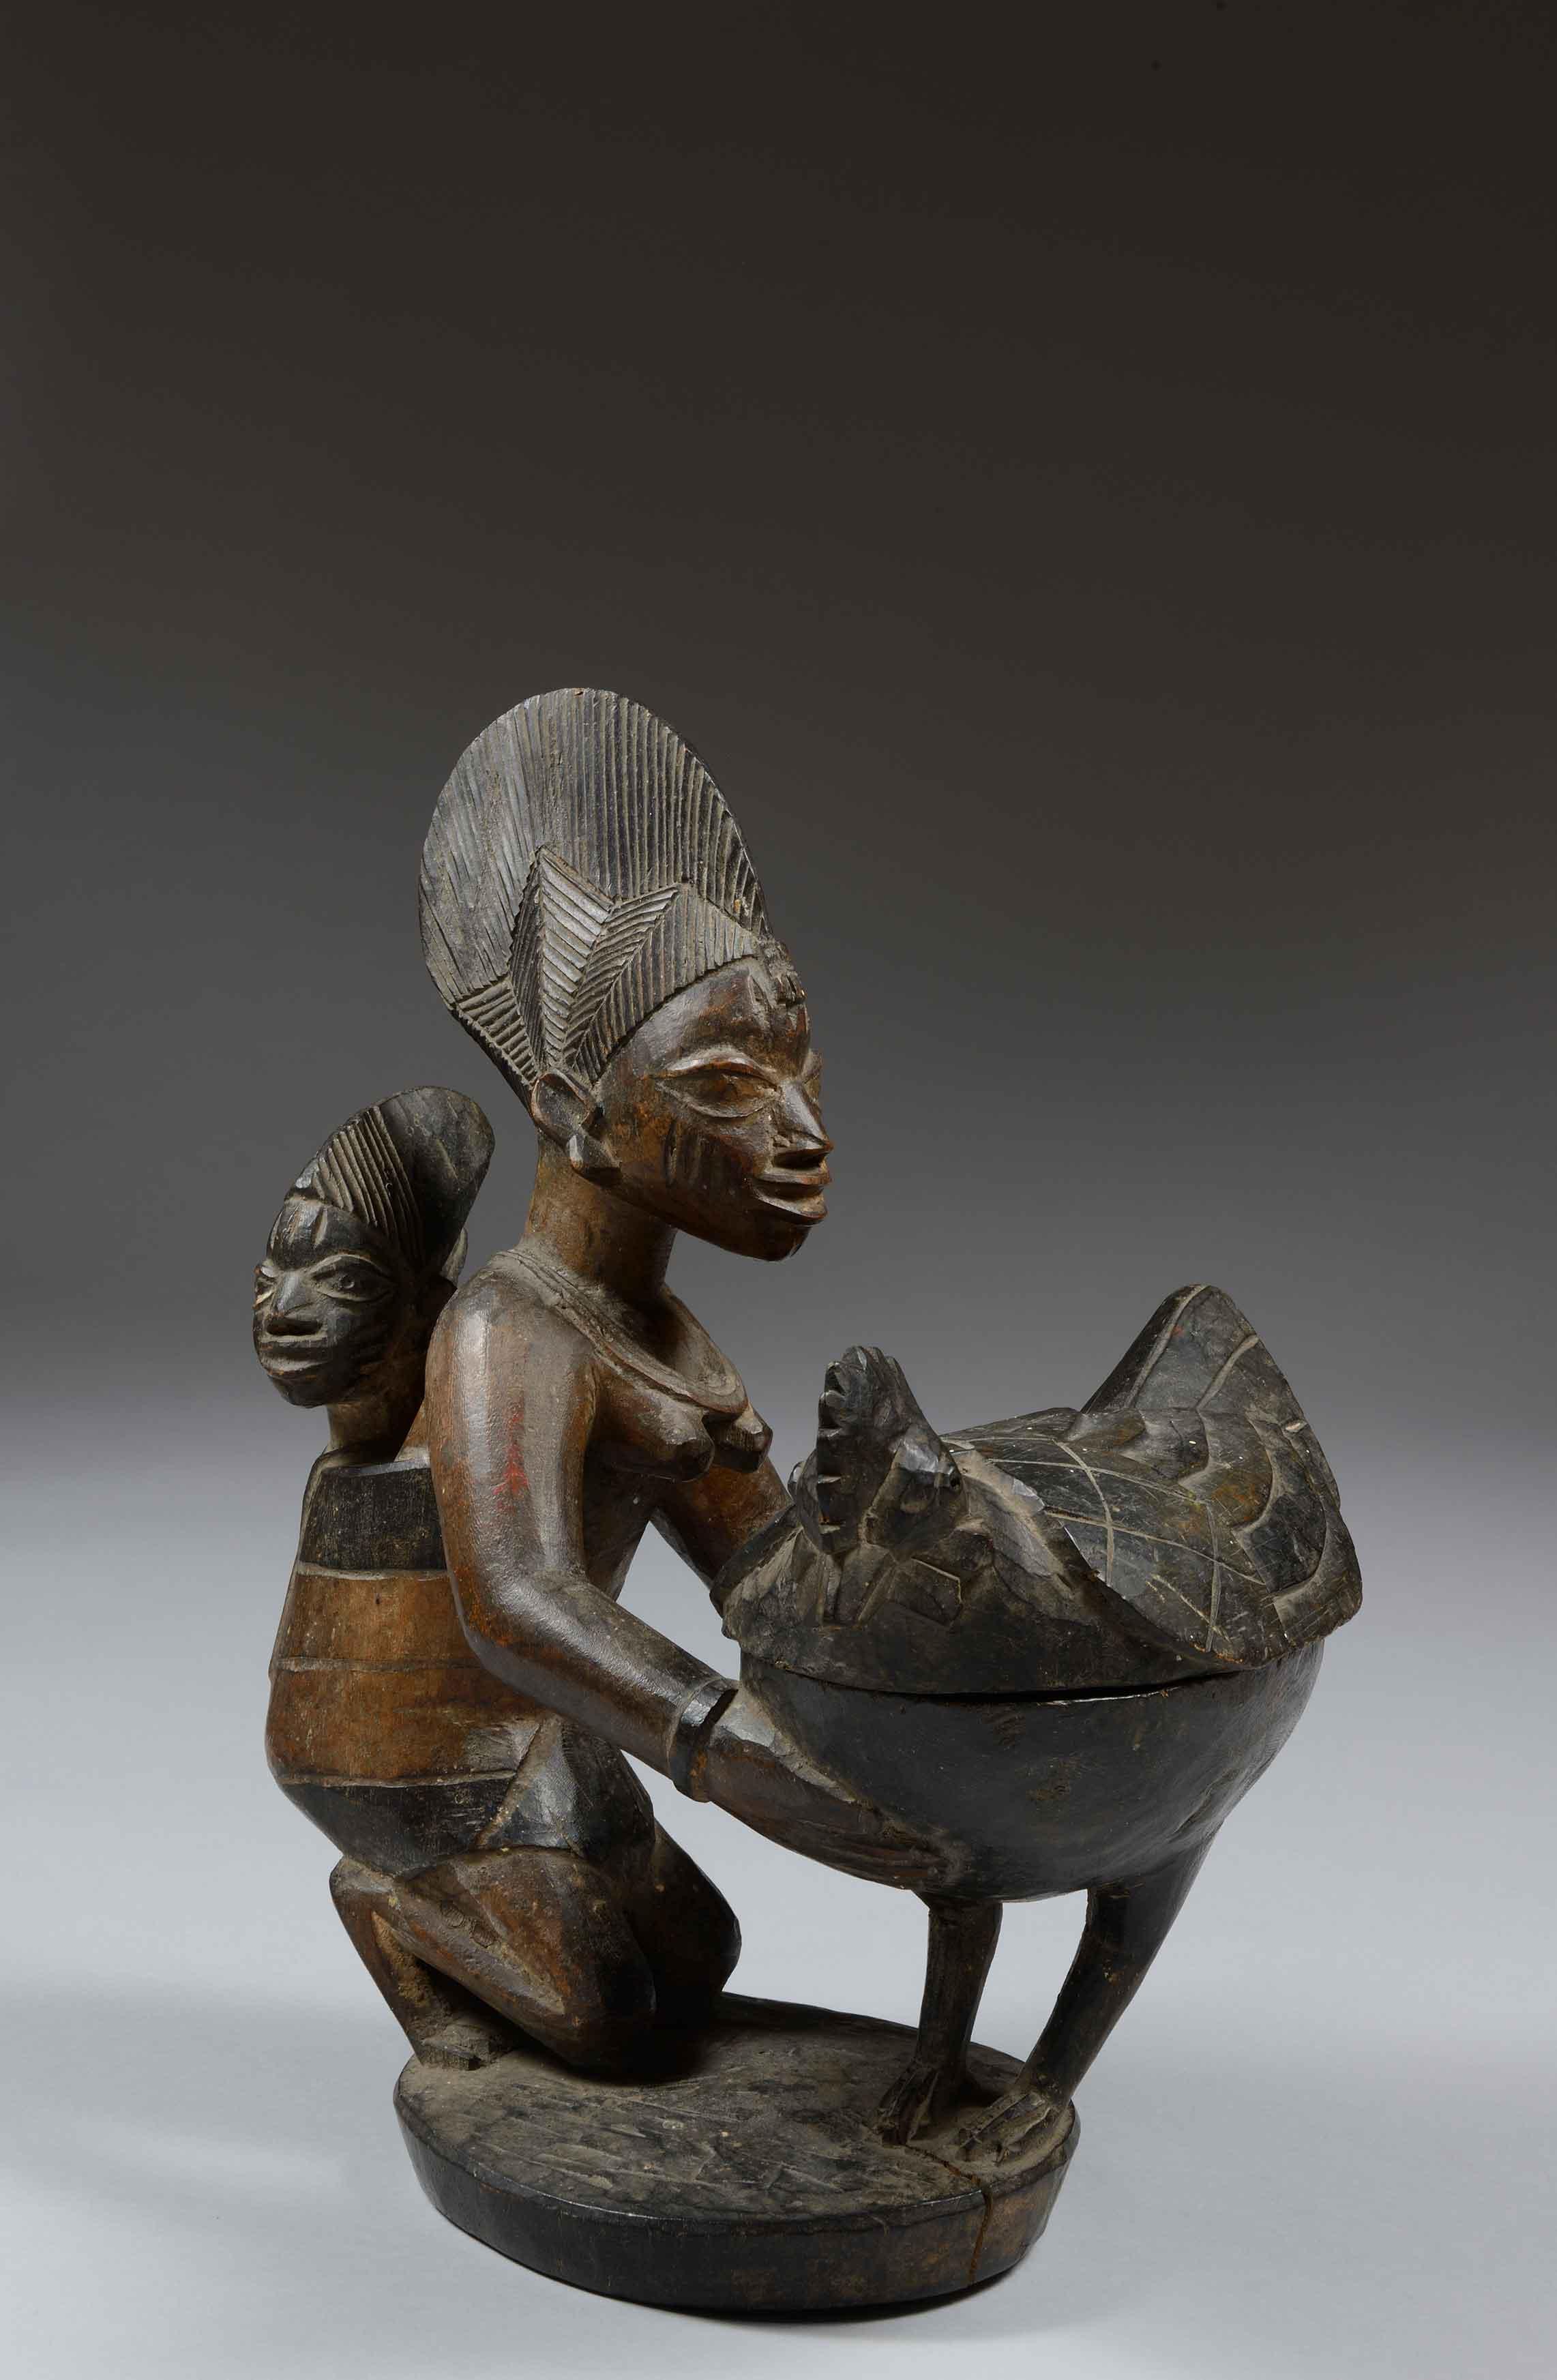 Copa Agere Ifa - Cultura yoruba (Nigeria)